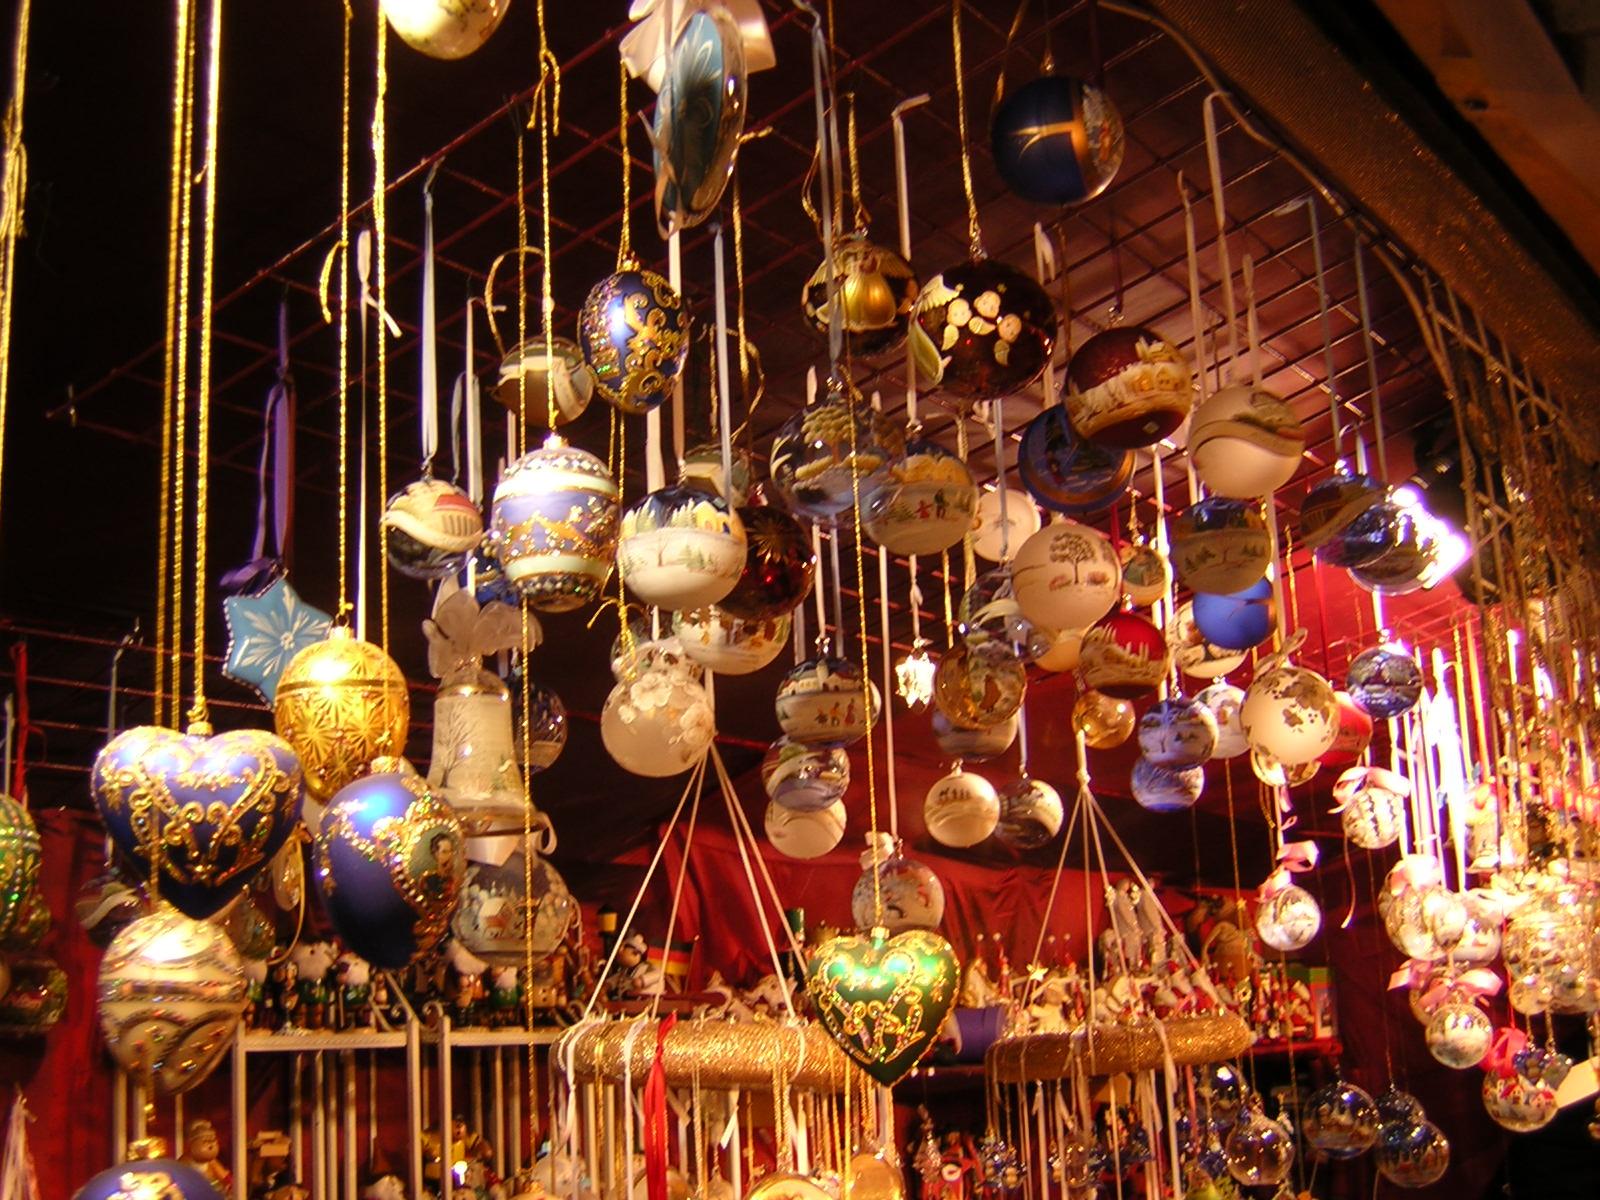 Decorazioni Natalizie Ballerine.Decorazioni Natalizie Le 3 Tendenze Piu Gettonate Per Il Natale